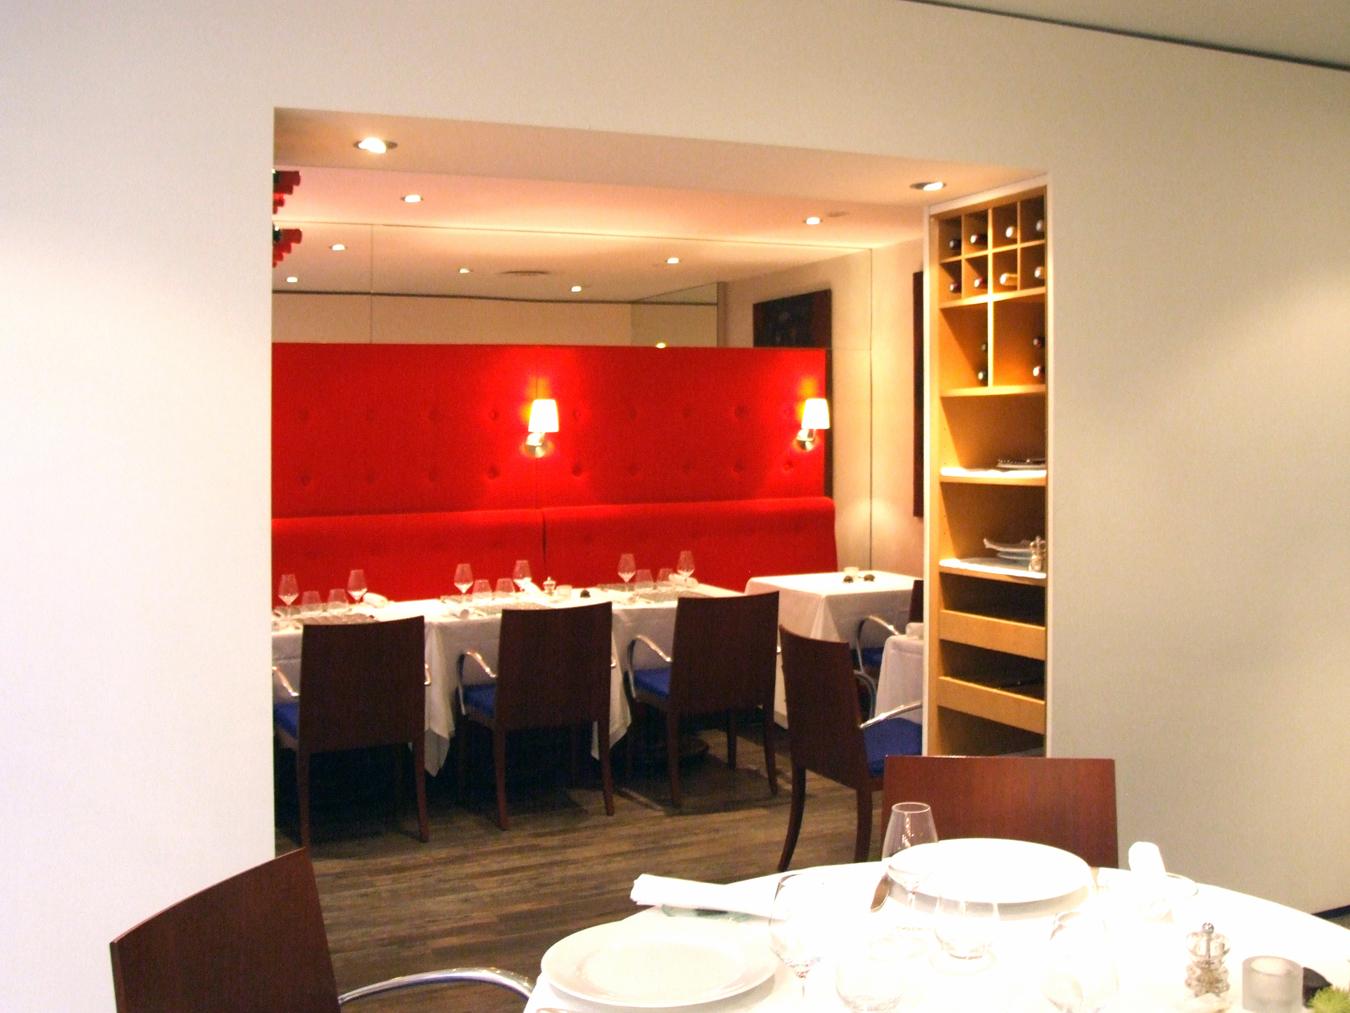 jean louis berthet restaurant auguste gael orieux jeune chef toil. Black Bedroom Furniture Sets. Home Design Ideas